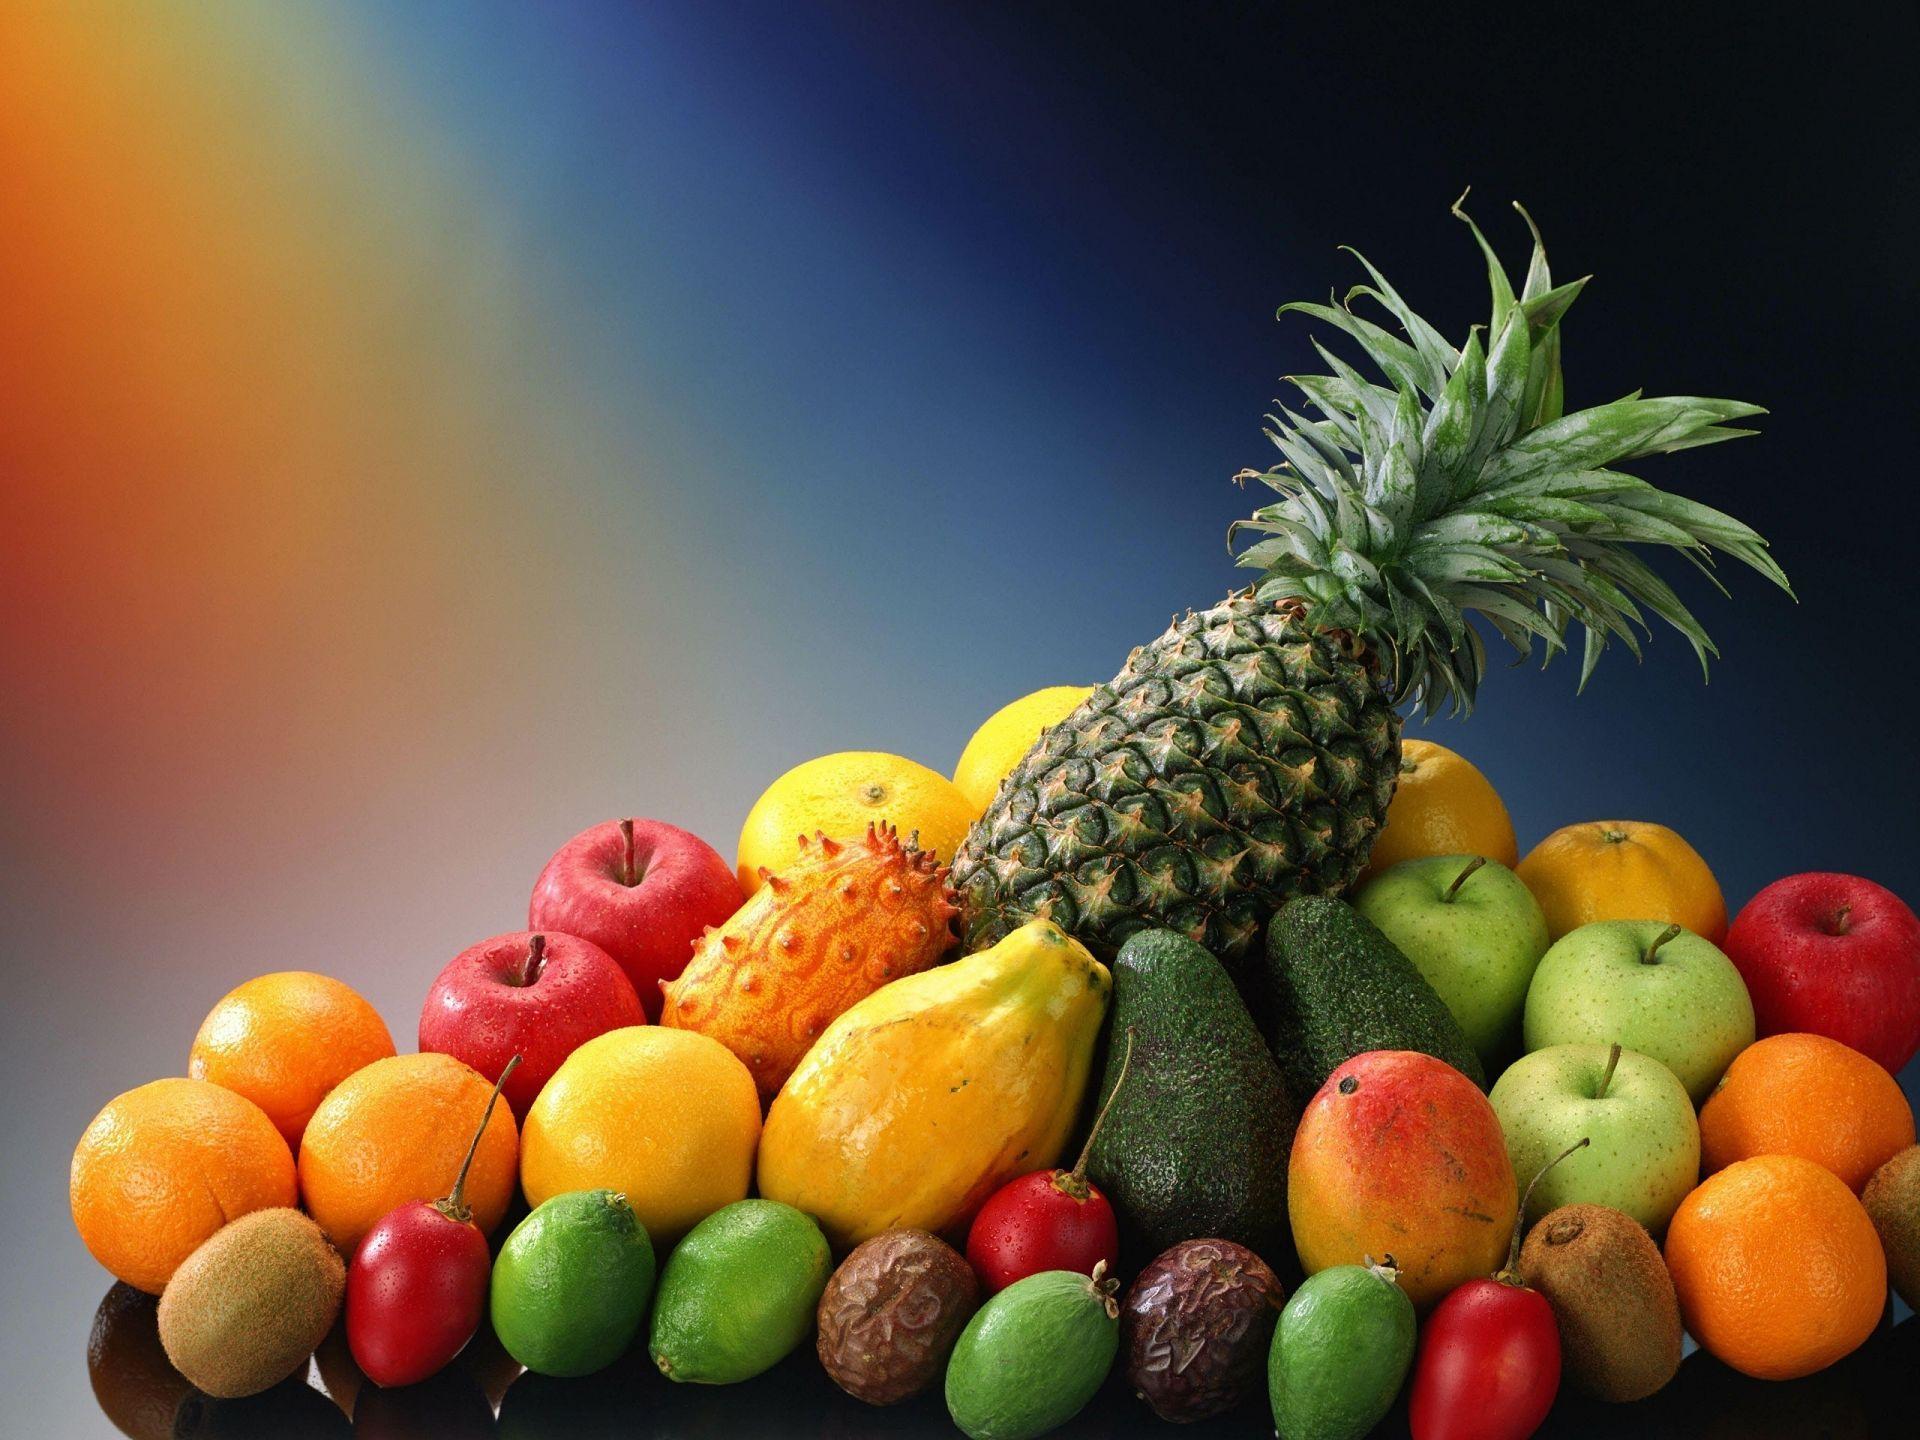 46] Vegetable Fruit Wallpaper for Desktop on WallpaperSafari 1920x1440